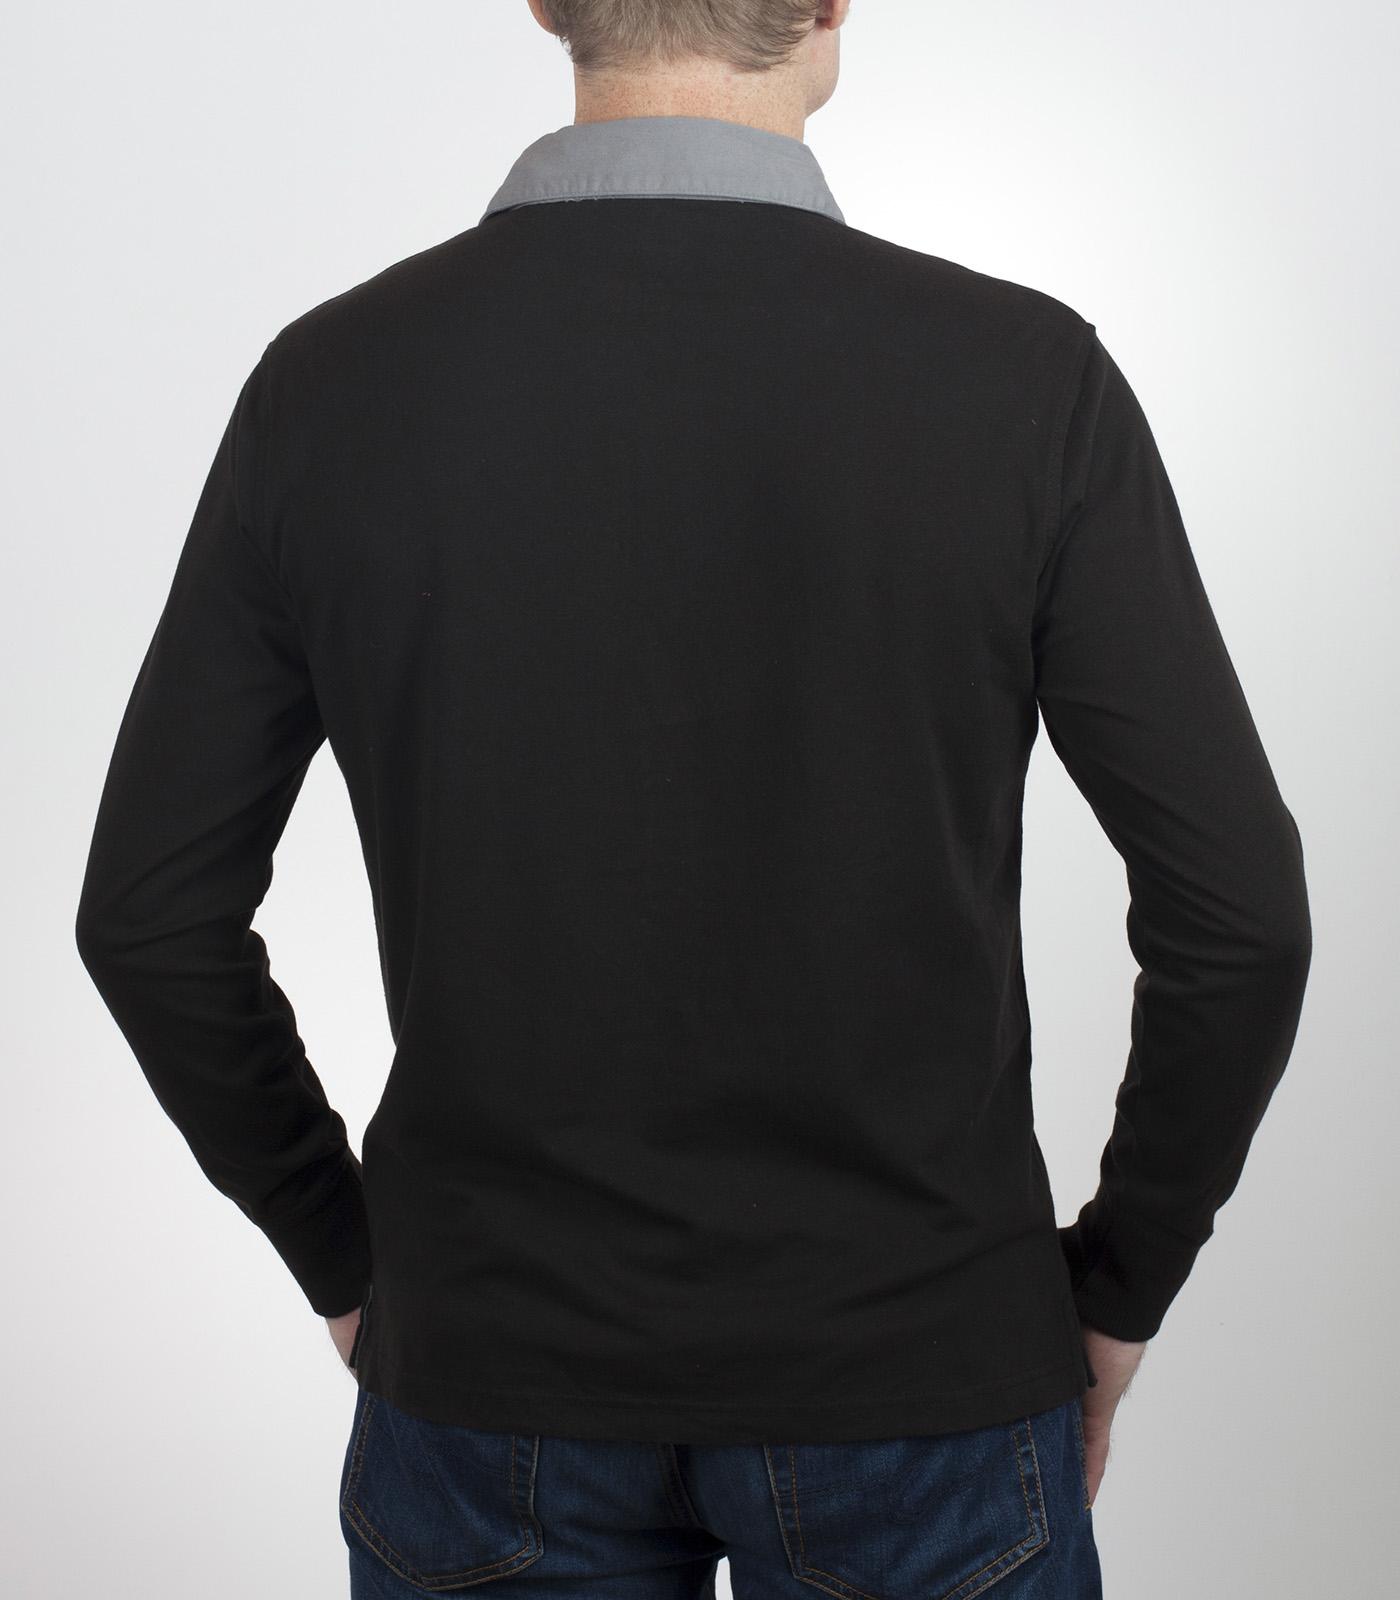 Купить мужскую футболку поло с длинным рукавом